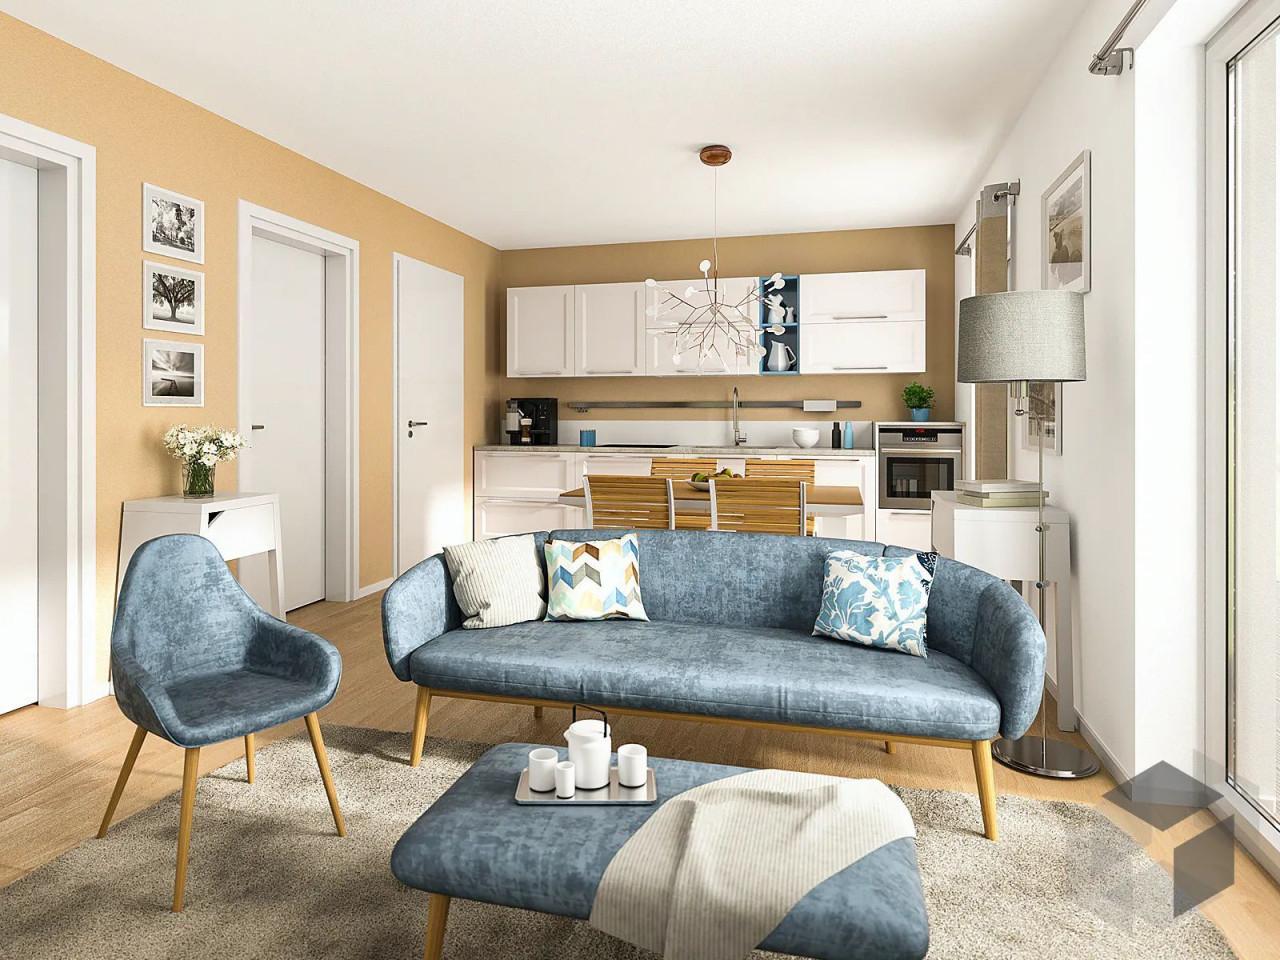 Wohnzimmer Mit Offener Küche Klein In 2020  Kleines von Kleines Wohnzimmer Mit Küche Einrichten Photo